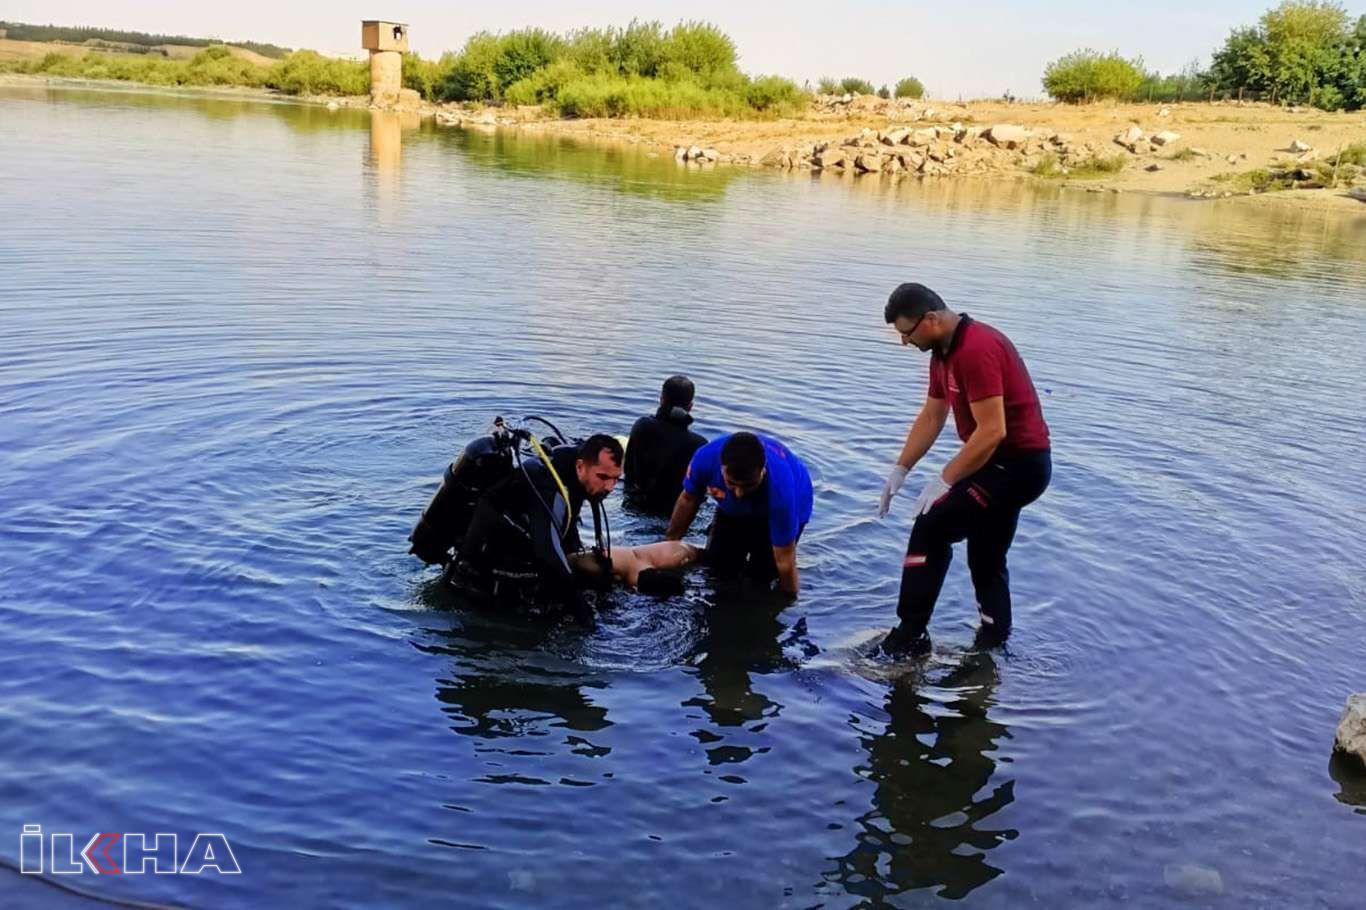 Serinlemek için girdiği suda akıntıya kapılan genç boğuldu